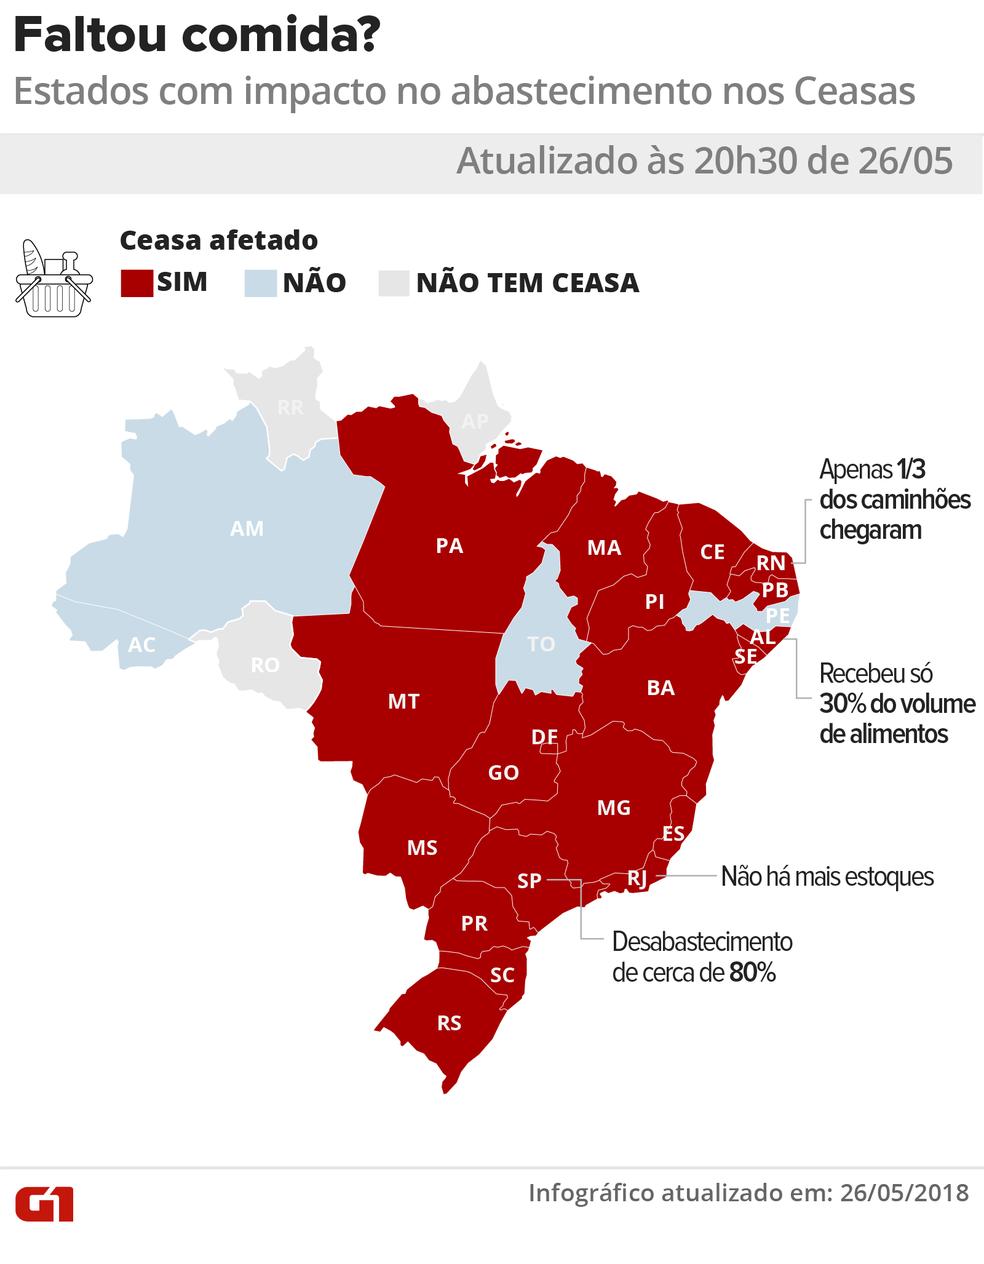 Estados com impacto no abastecimento de Ceasas (Foto: Igor Estrella/G1)